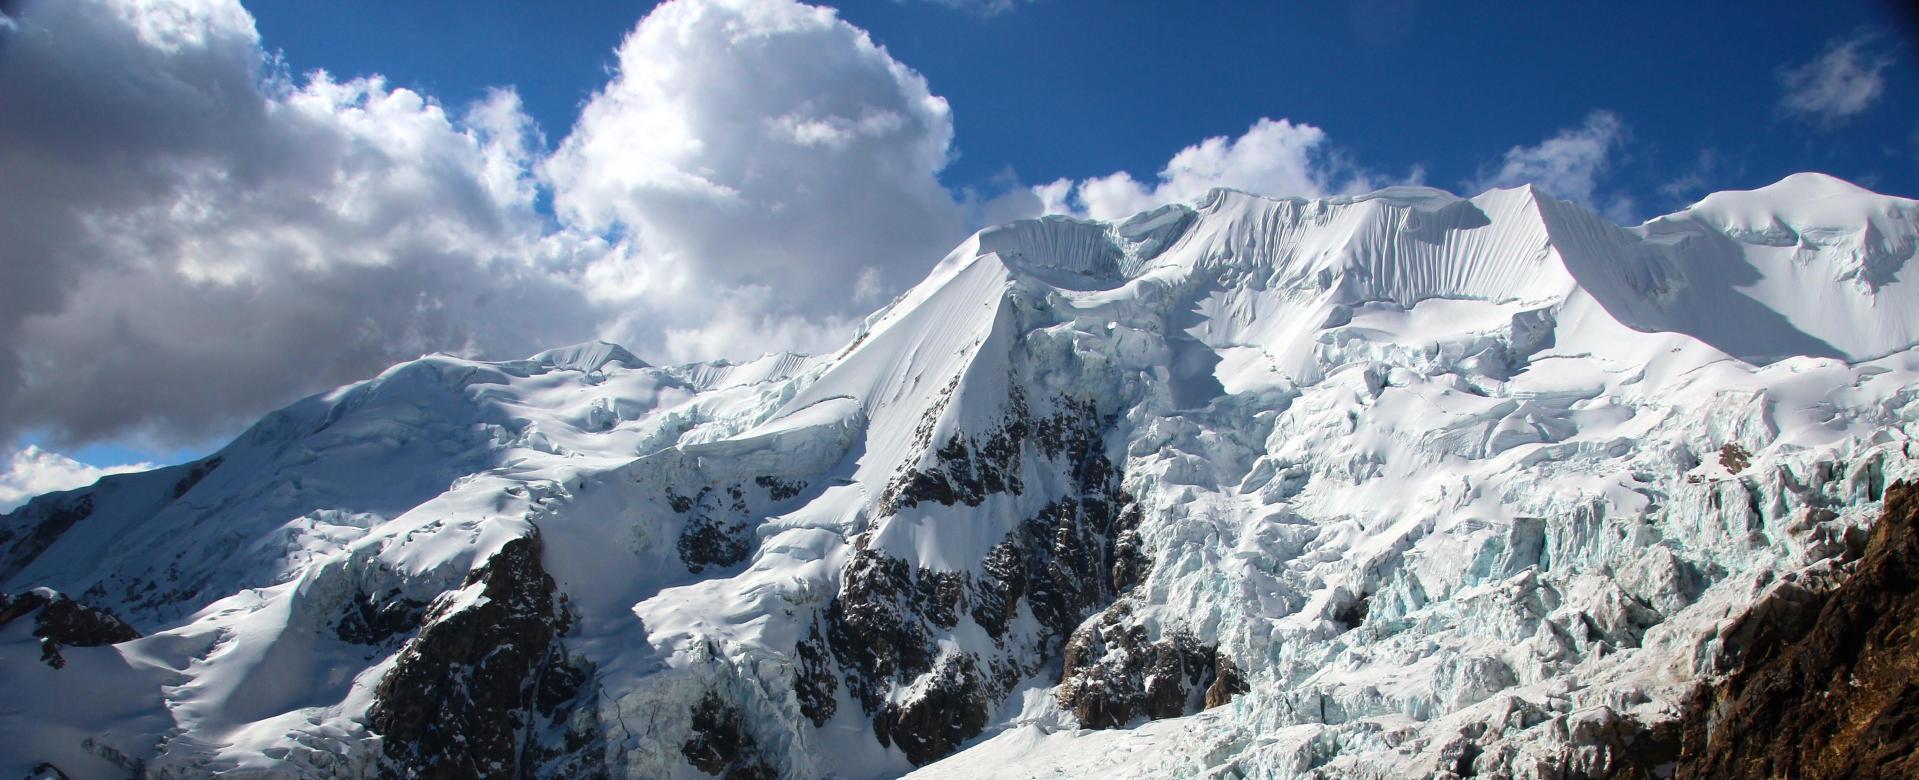 Voyage à pied : Bolivie : Cordillère royale et illimani (6439 m)